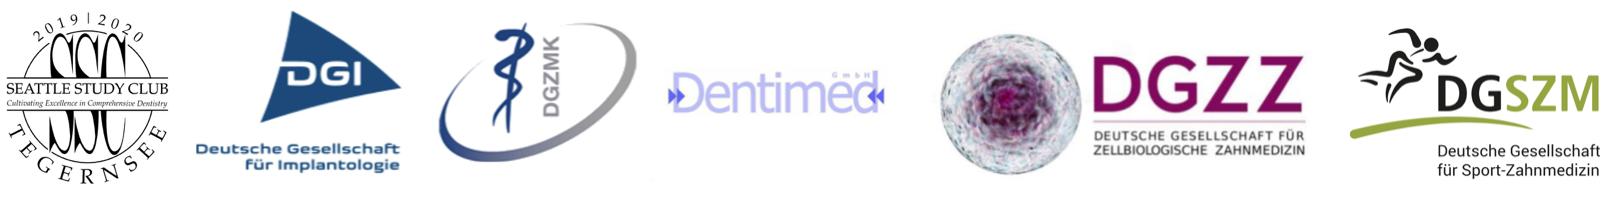 Seattle Study Club Tegernsee, Arbeitskreis für Zahnärzte